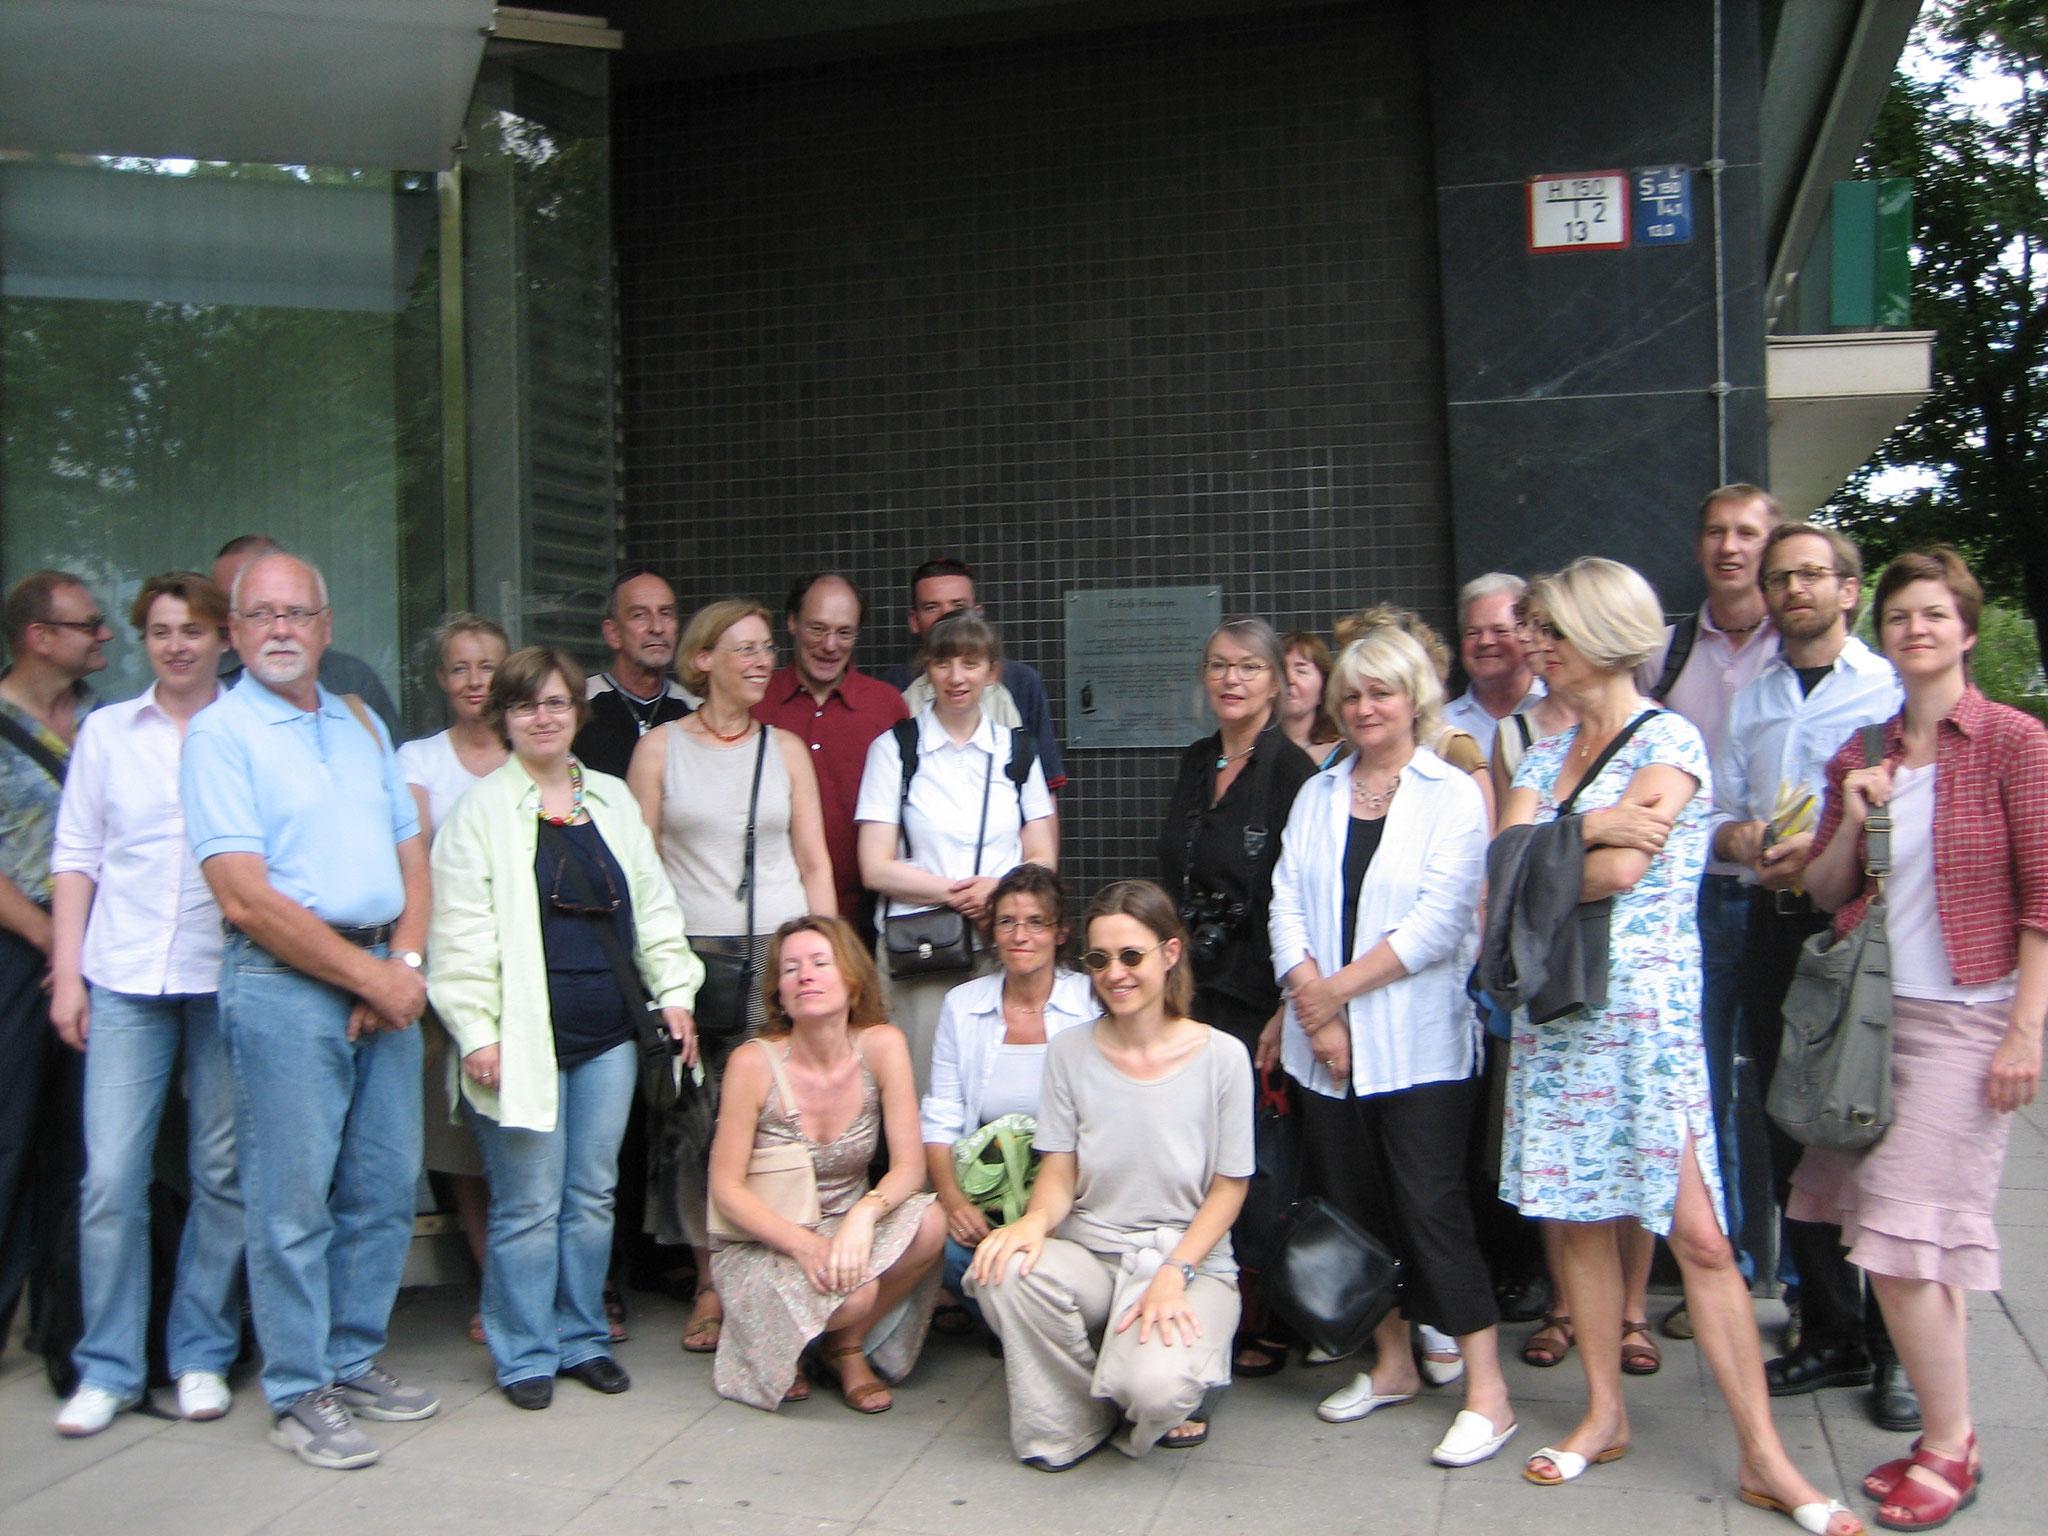 Kollegium der Anna-Freud-Oberschule, Tafelenthüllung 2006